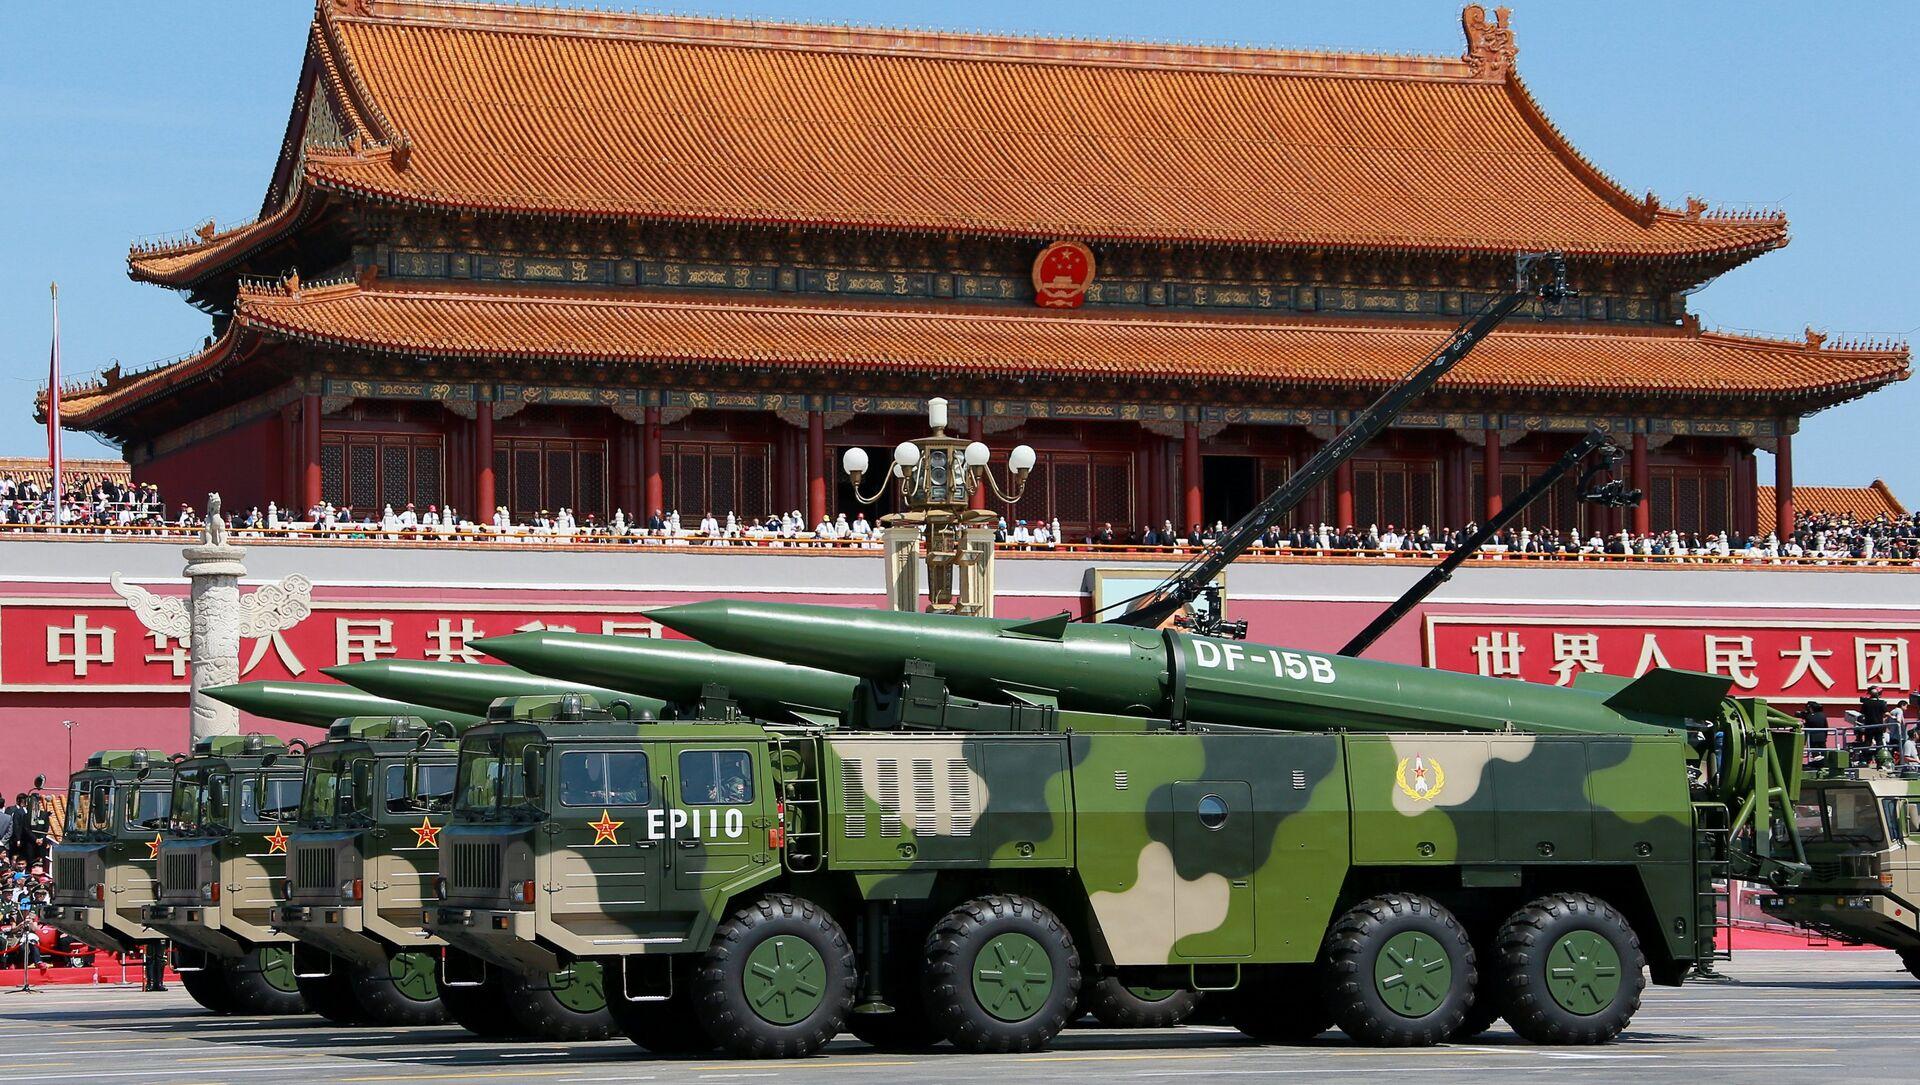 Des missiles chinois de type DF-15 - Sputnik France, 1920, 21.08.2021